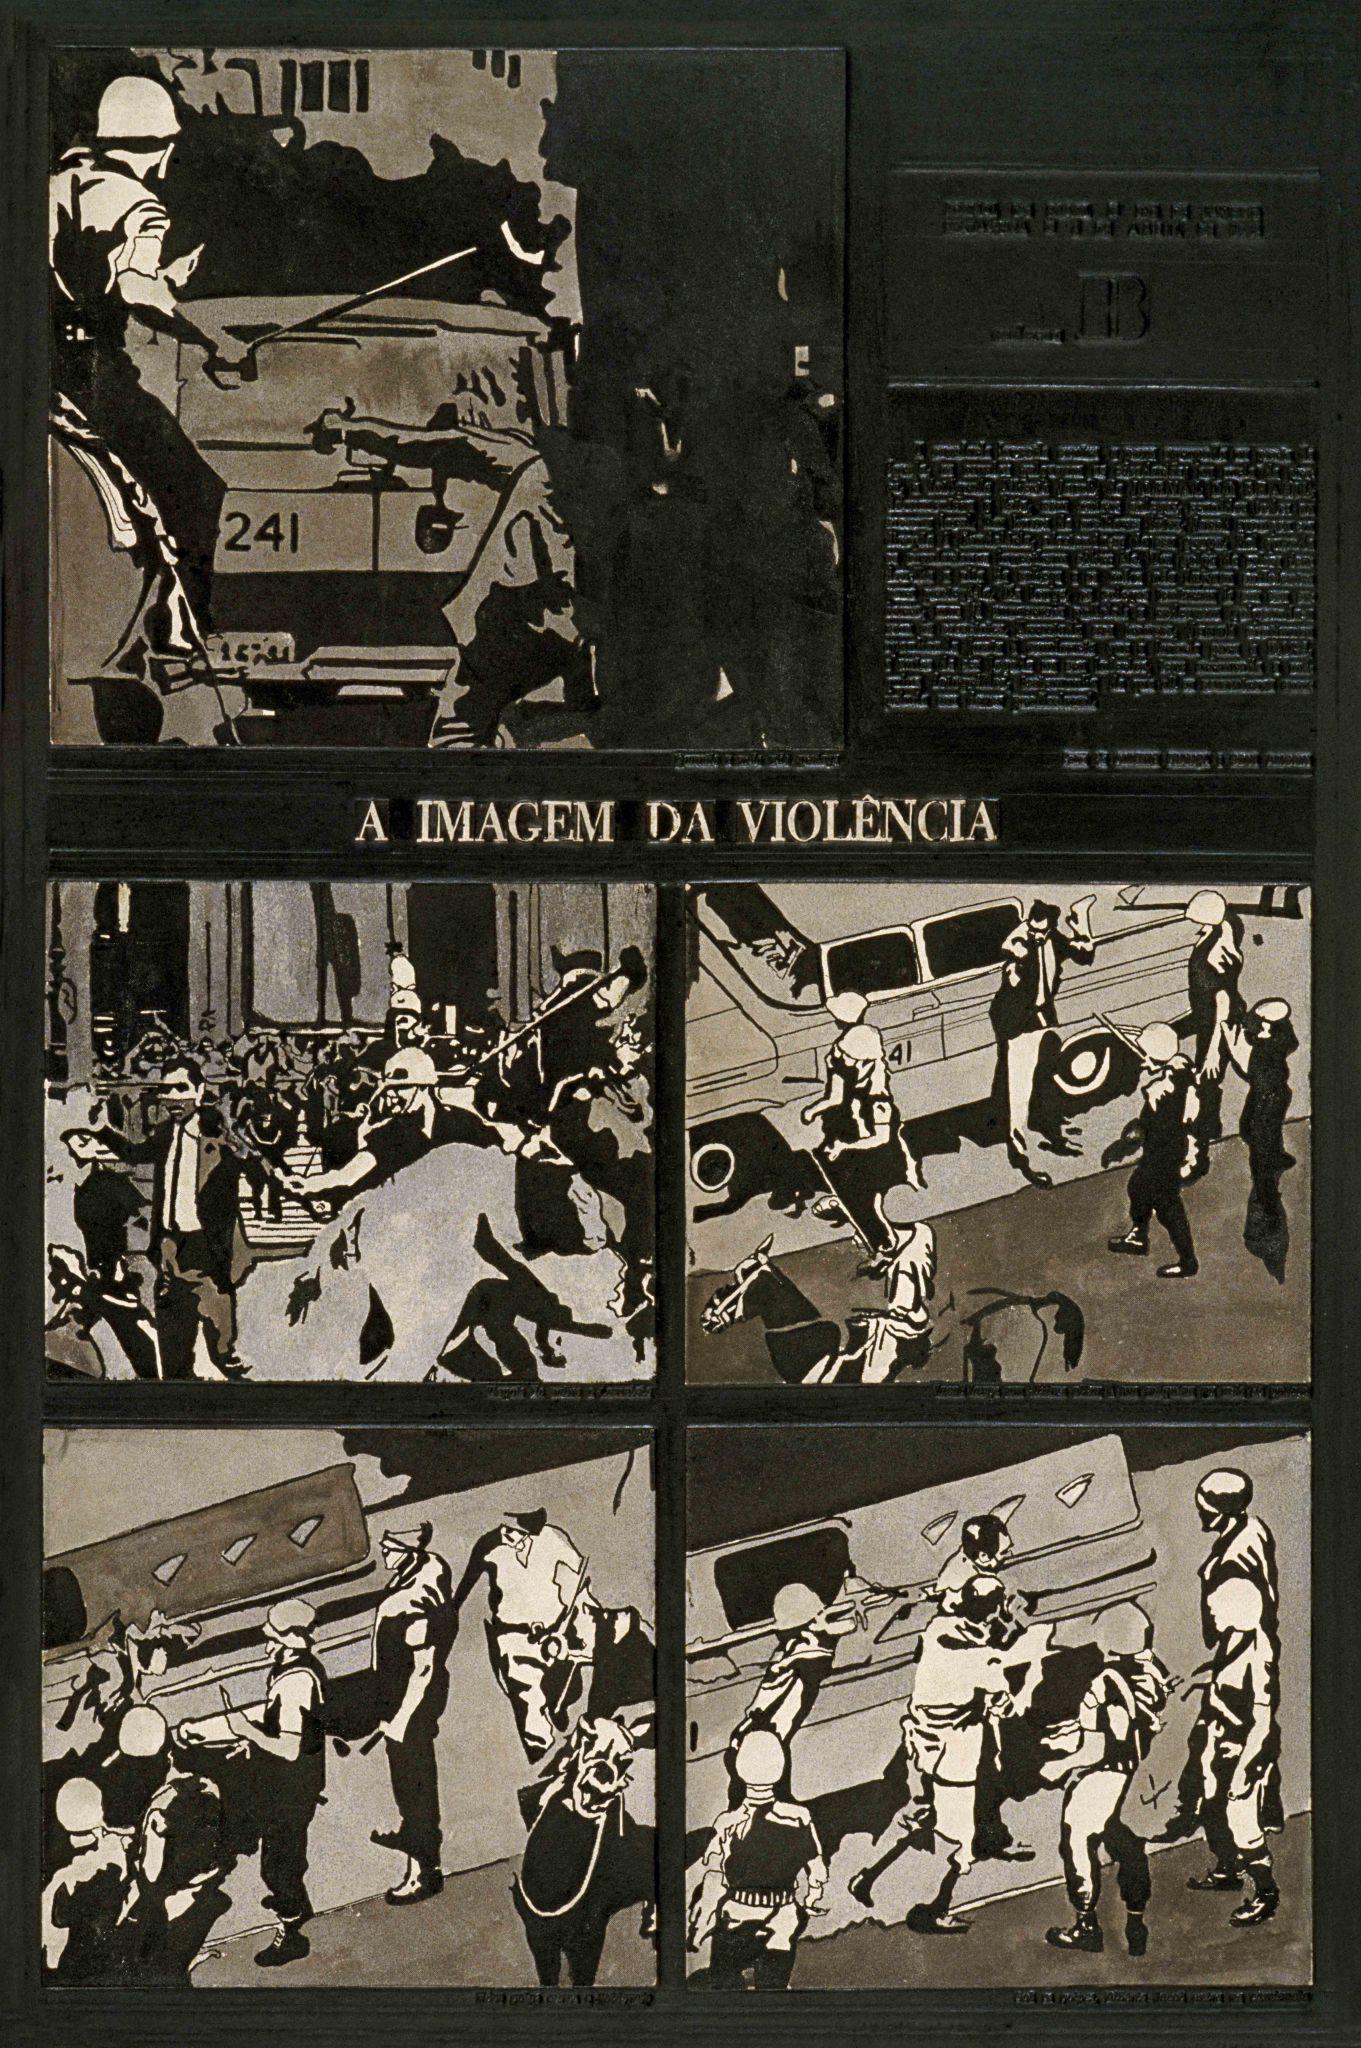 a-imagem-da-violência_1968